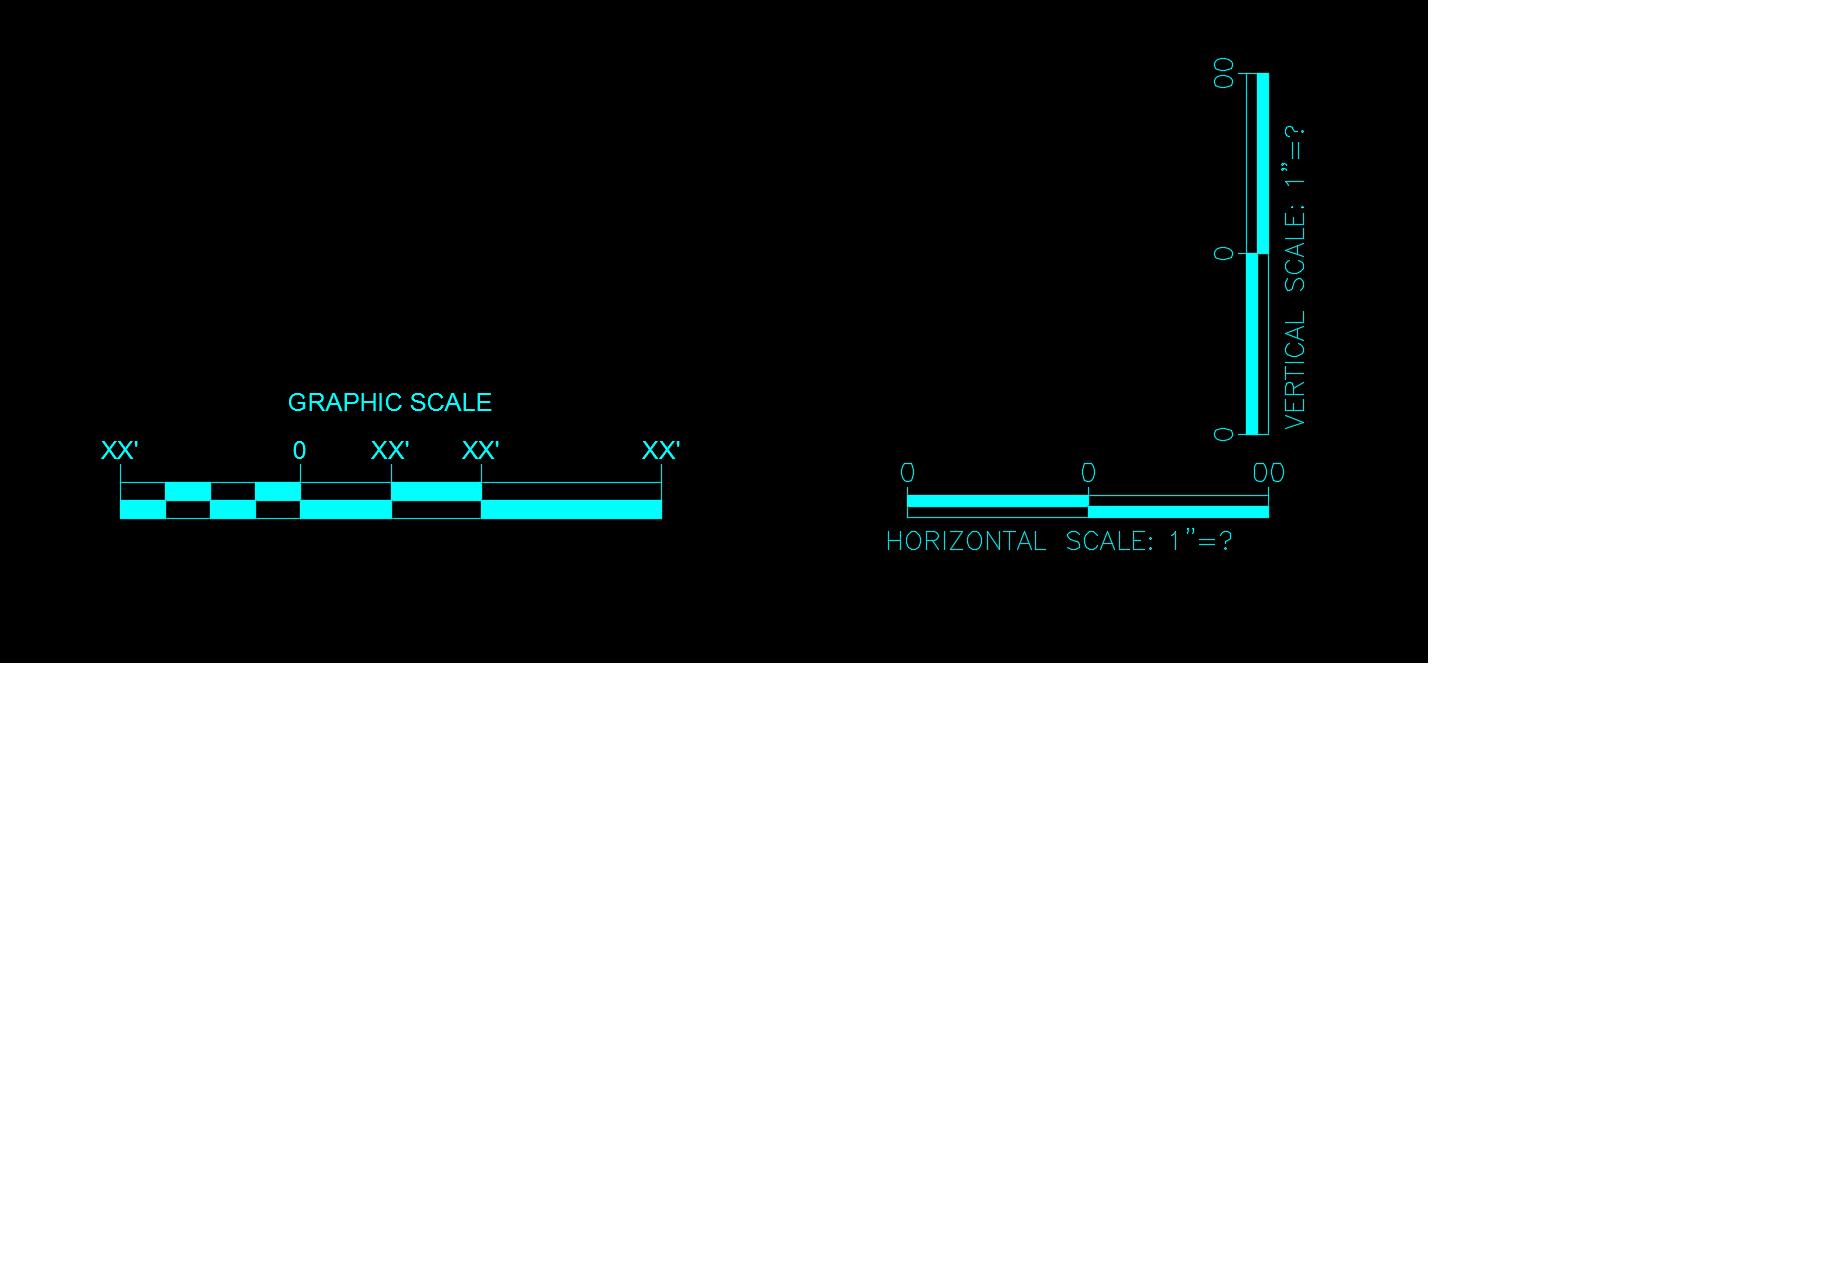 dynamic scale bar - Autodesk Community- Civil 3D